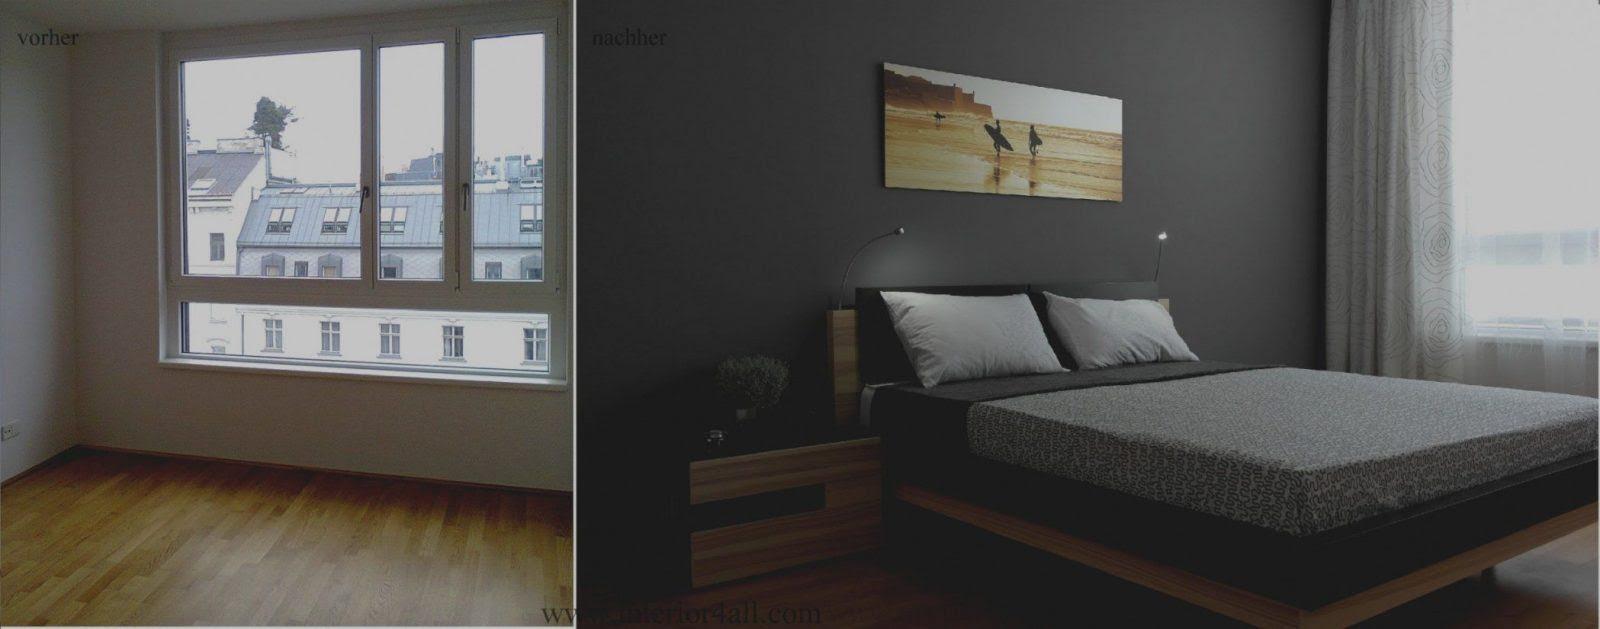 wandtattoo schlafzimmer selber malen  kinderzimmer